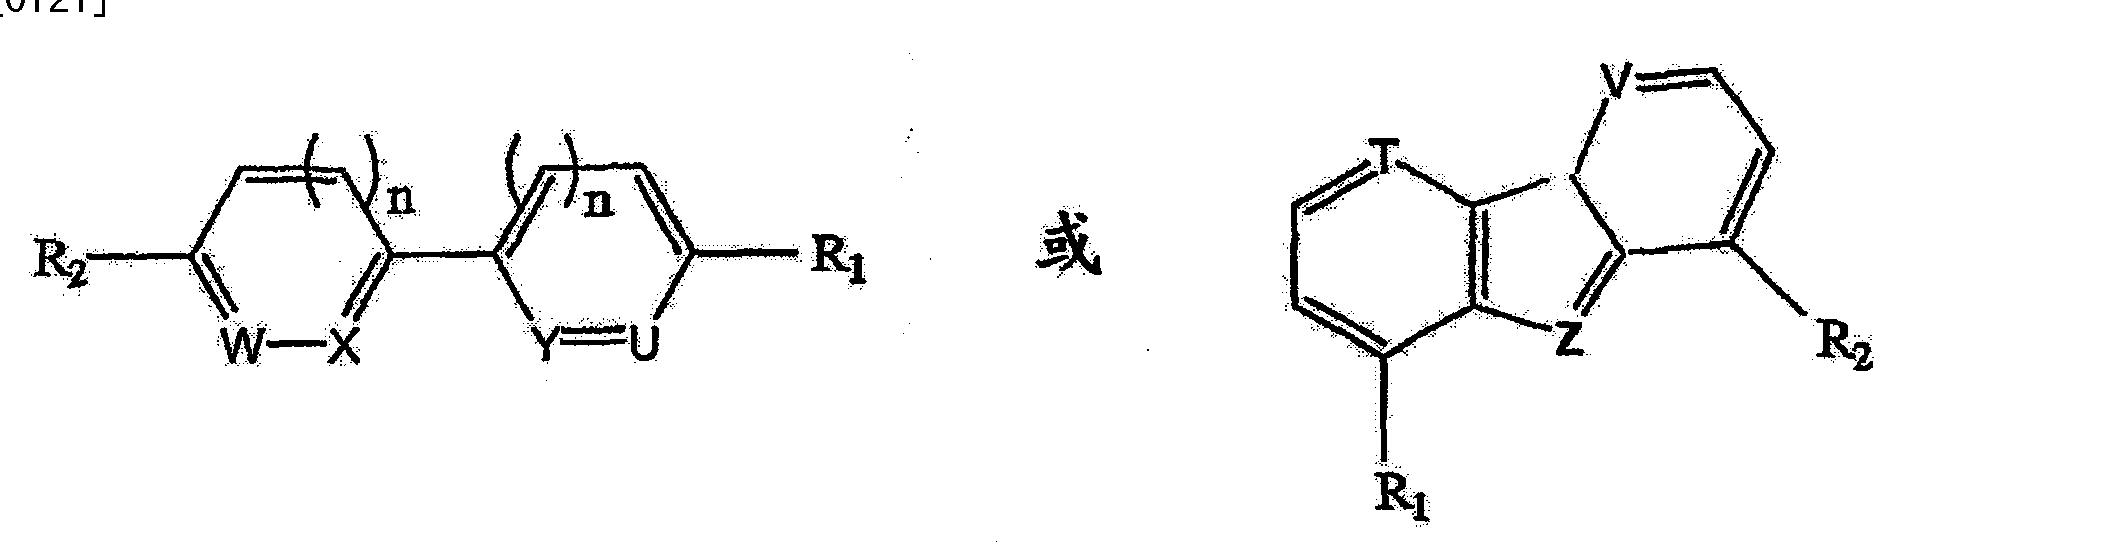 Figure CN101014857BD00171